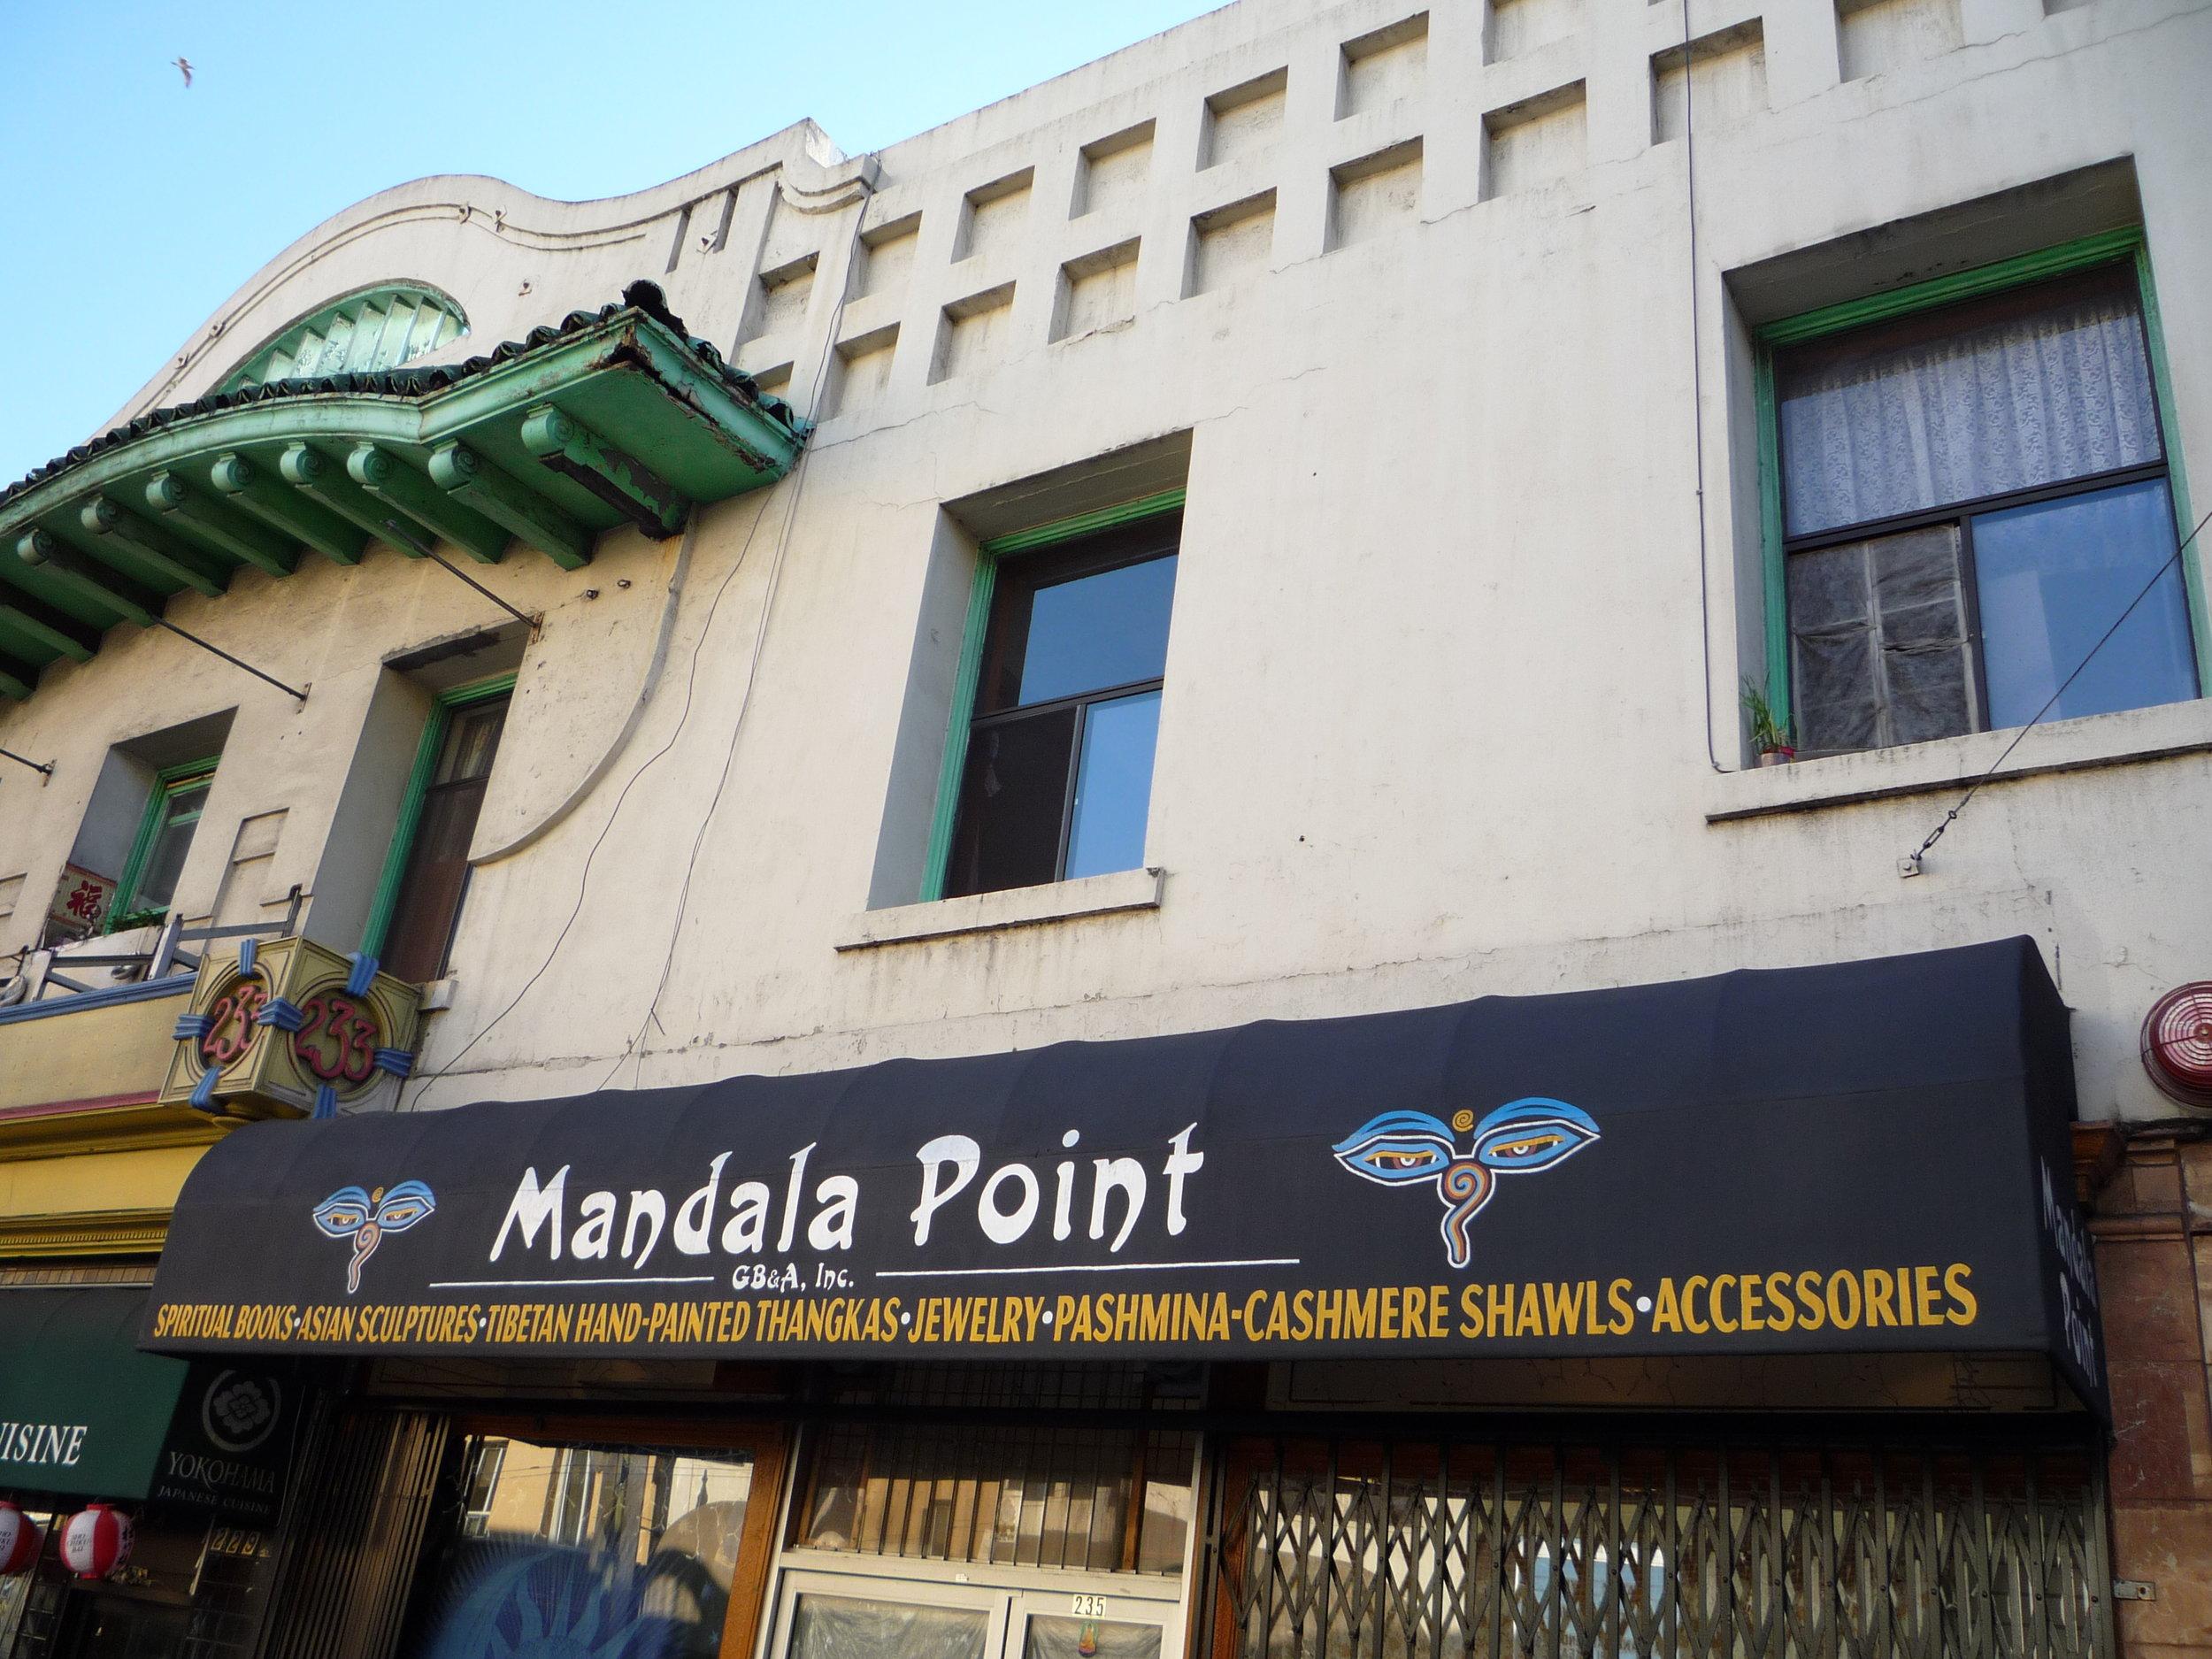 HAND-mandala-point_4322979695_o.jpg